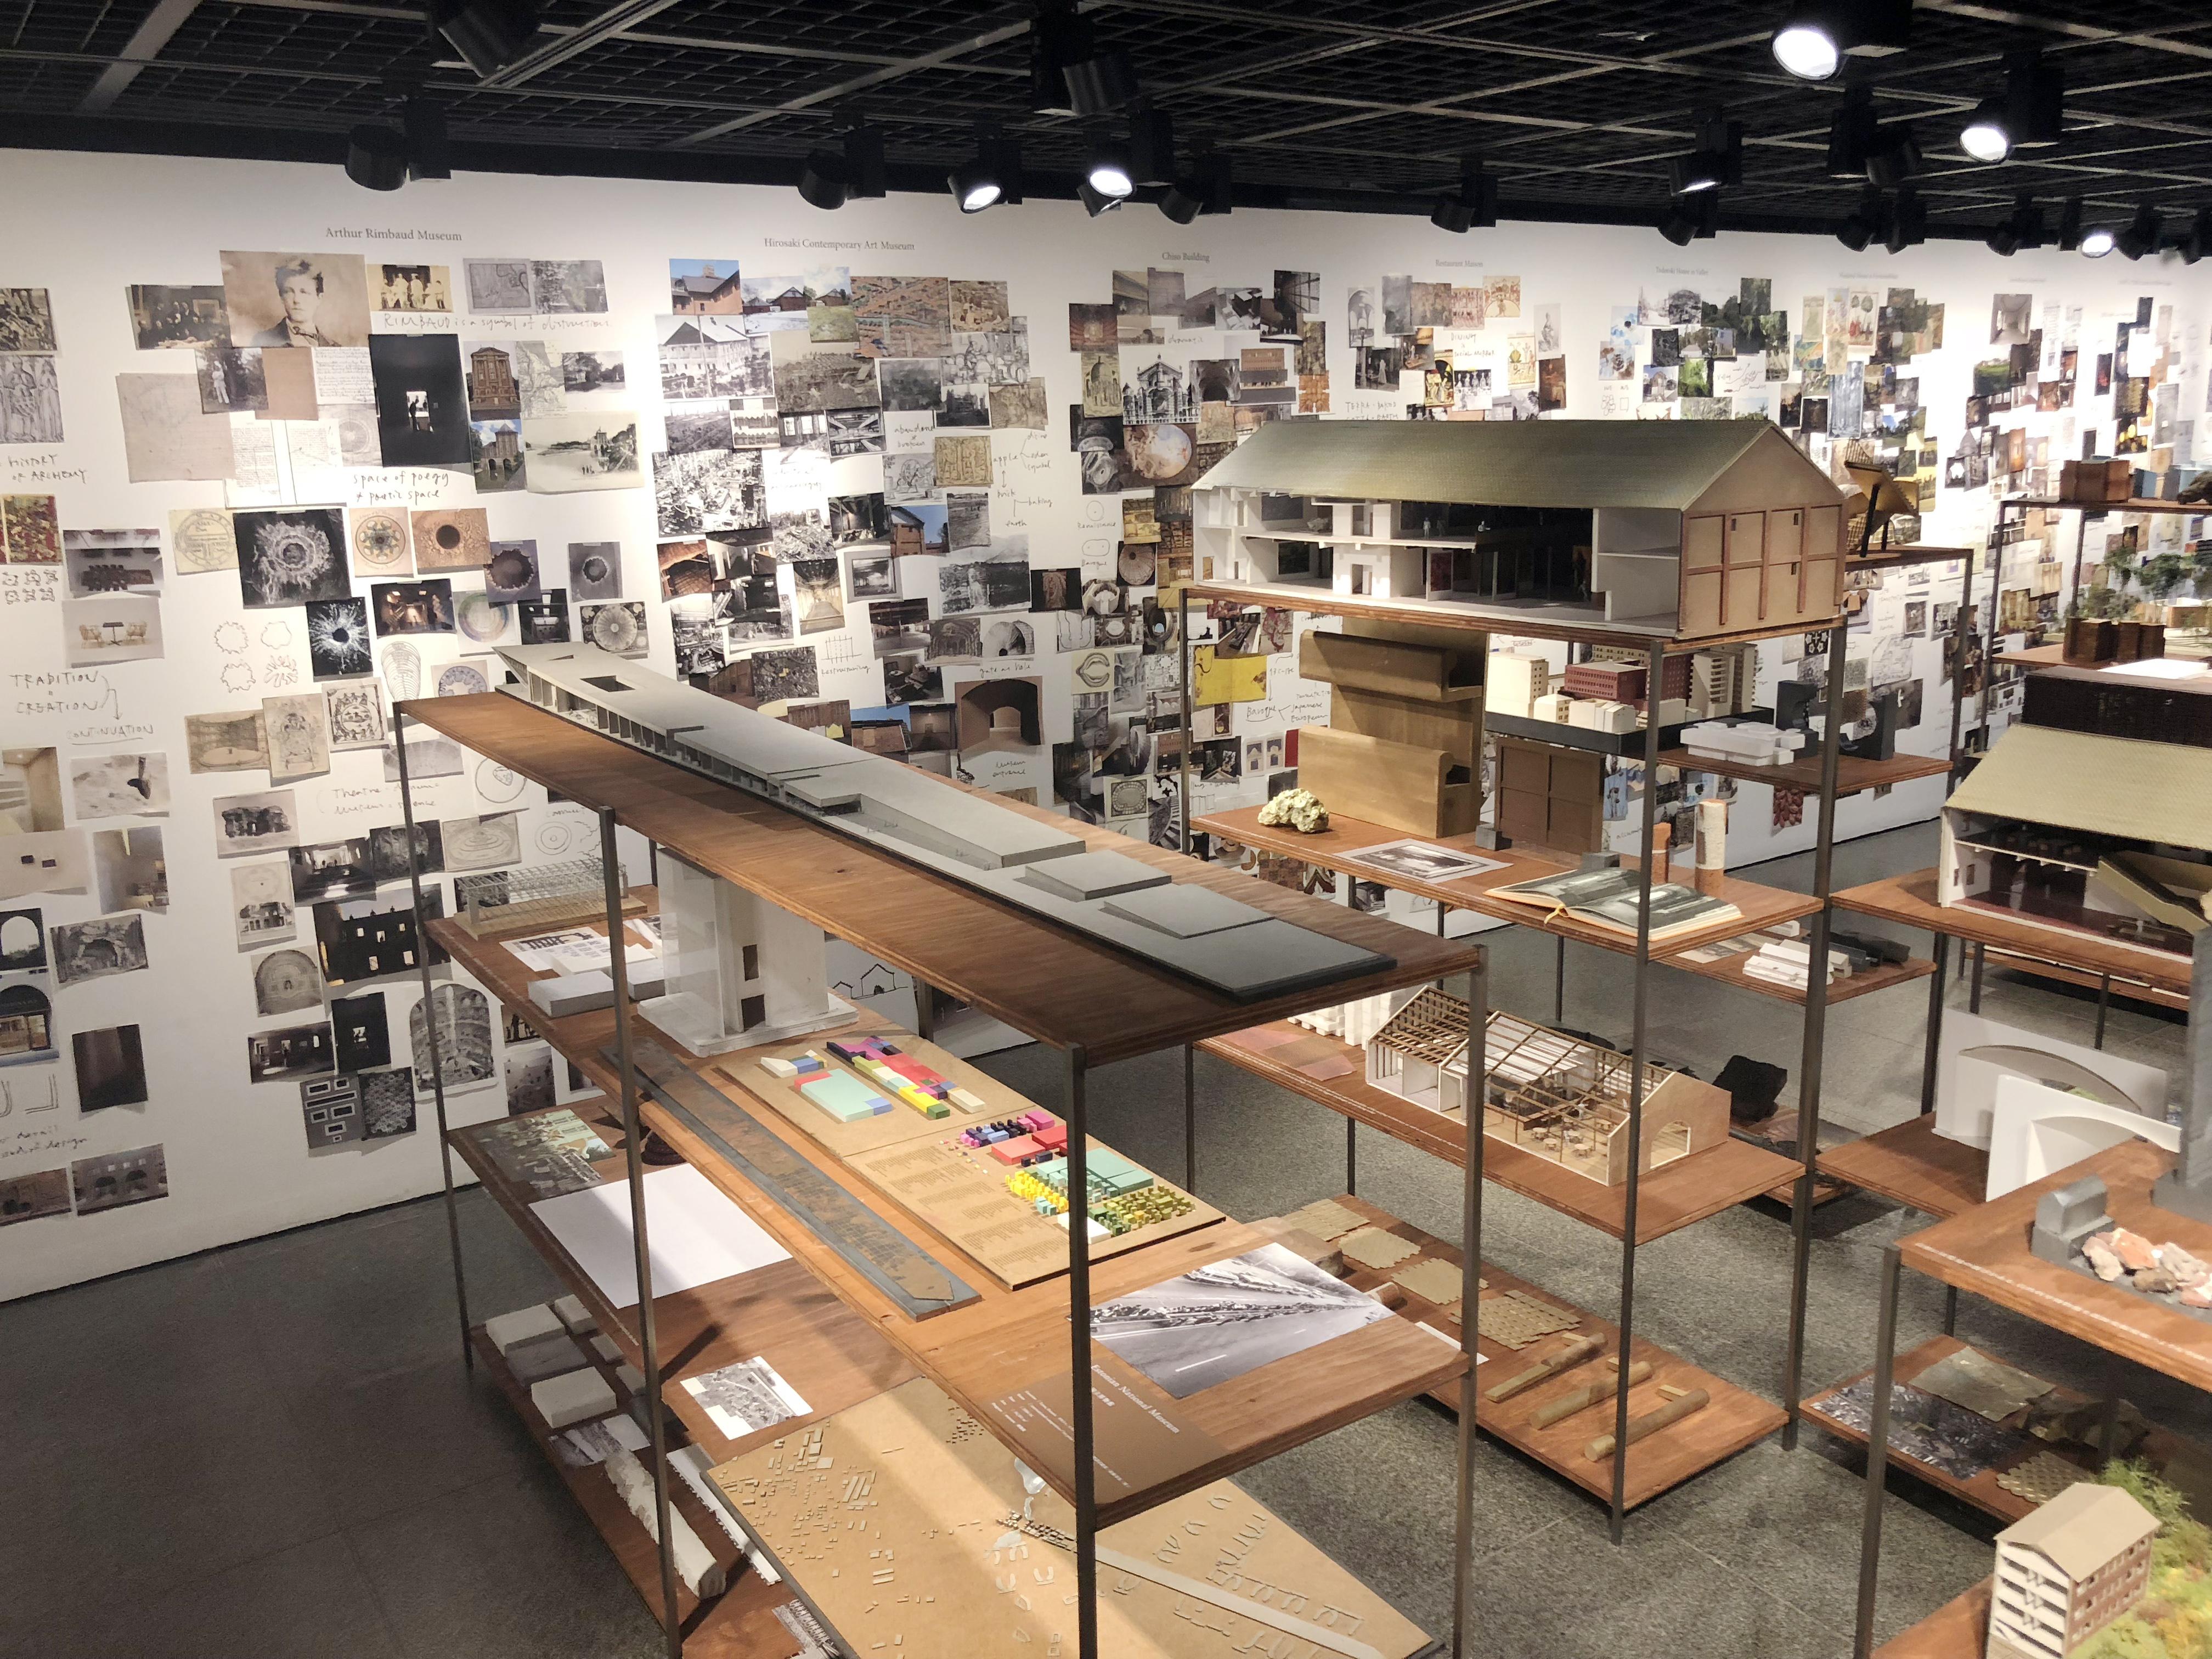 場所の記憶からつくる建築】田根剛展「未来の記憶」が2会場で同時開催 ...